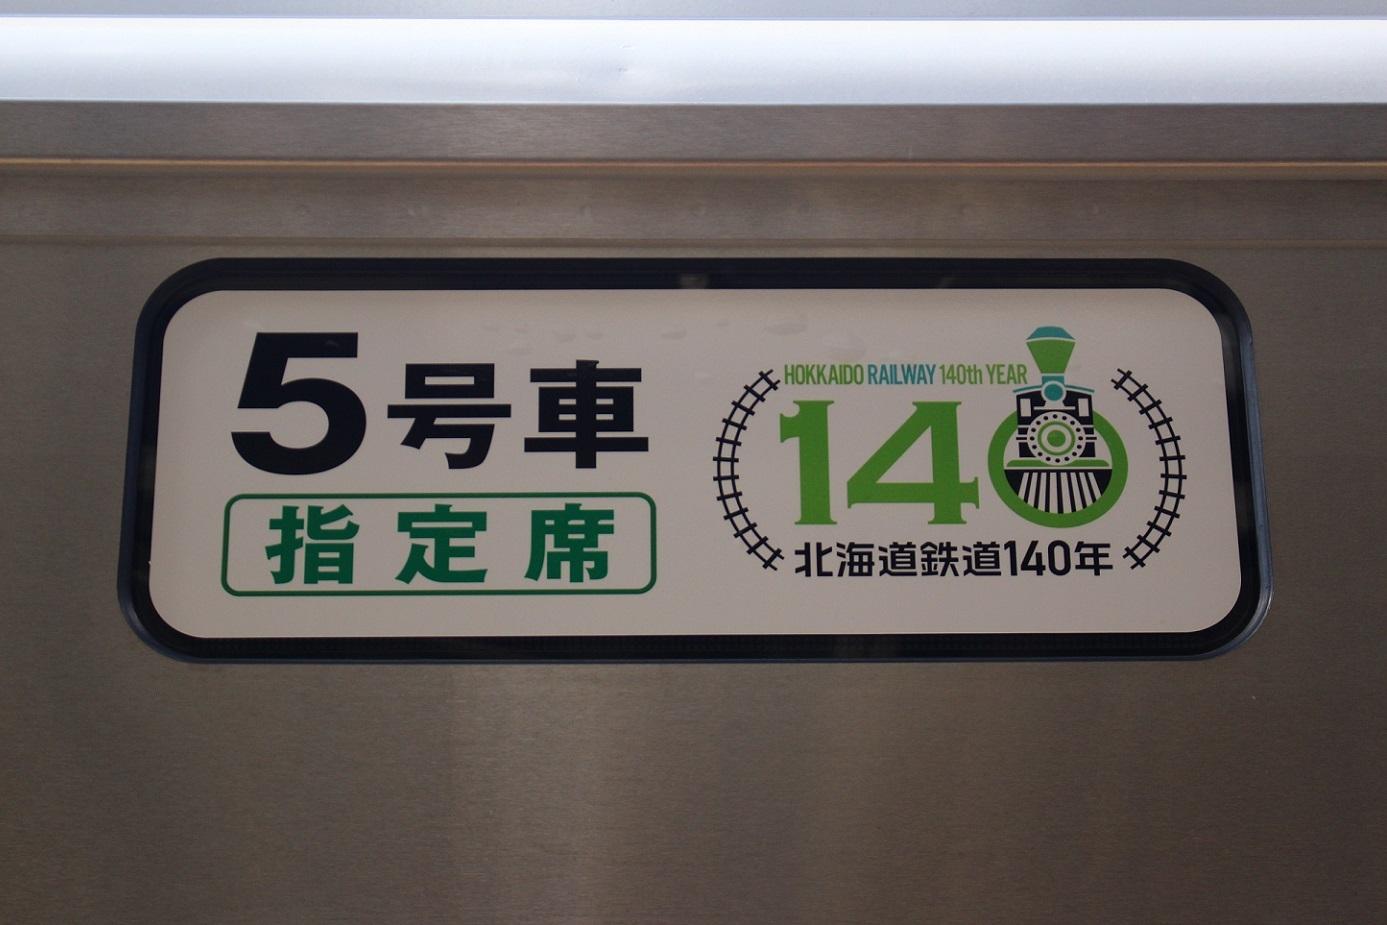 はまなす北海道鉄道140周年記念号a107